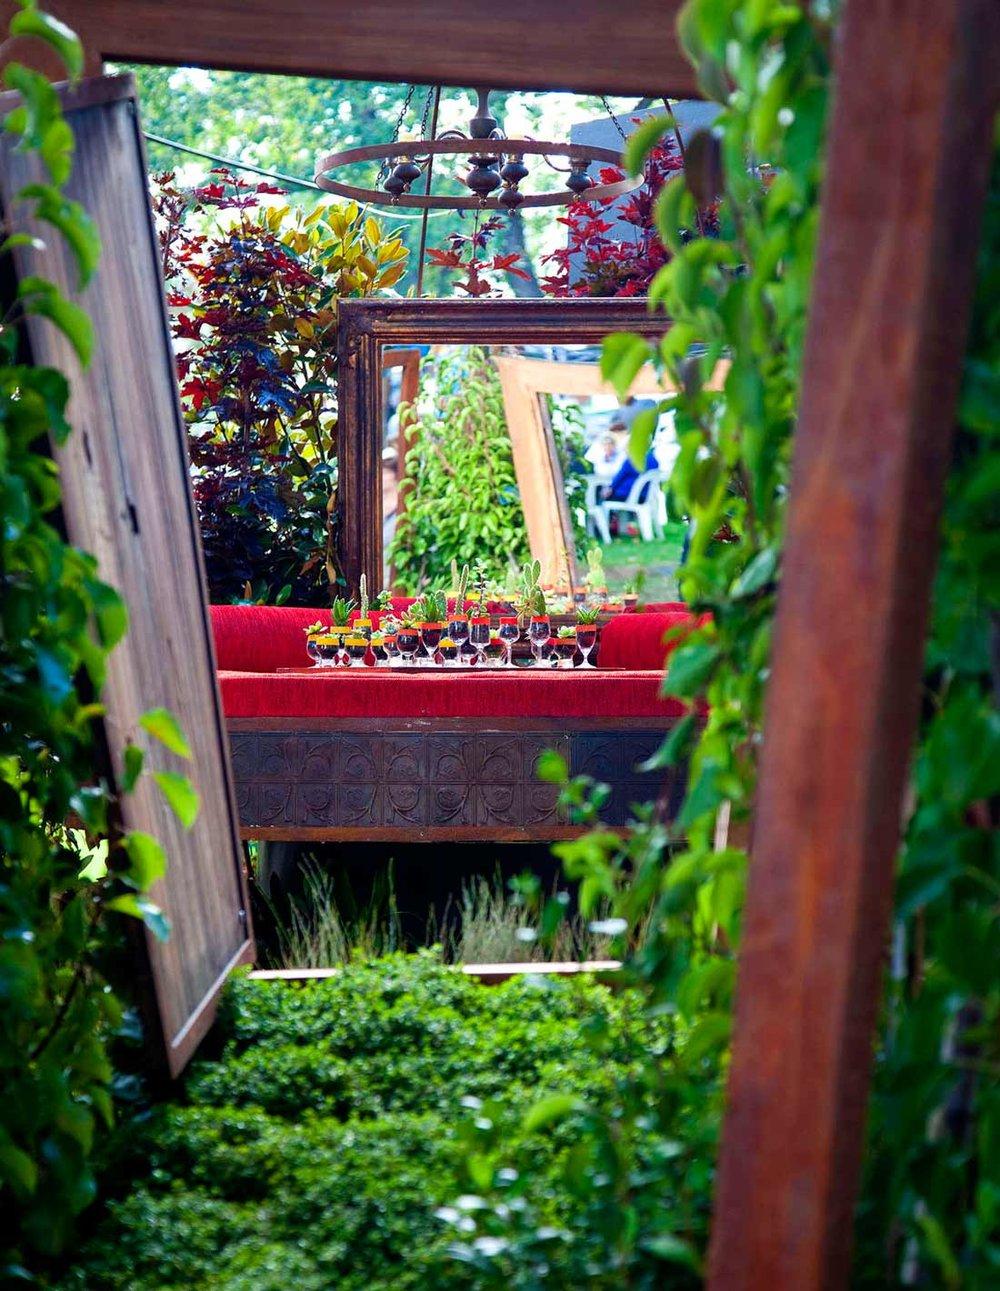 Garden Show, australia 2012 -